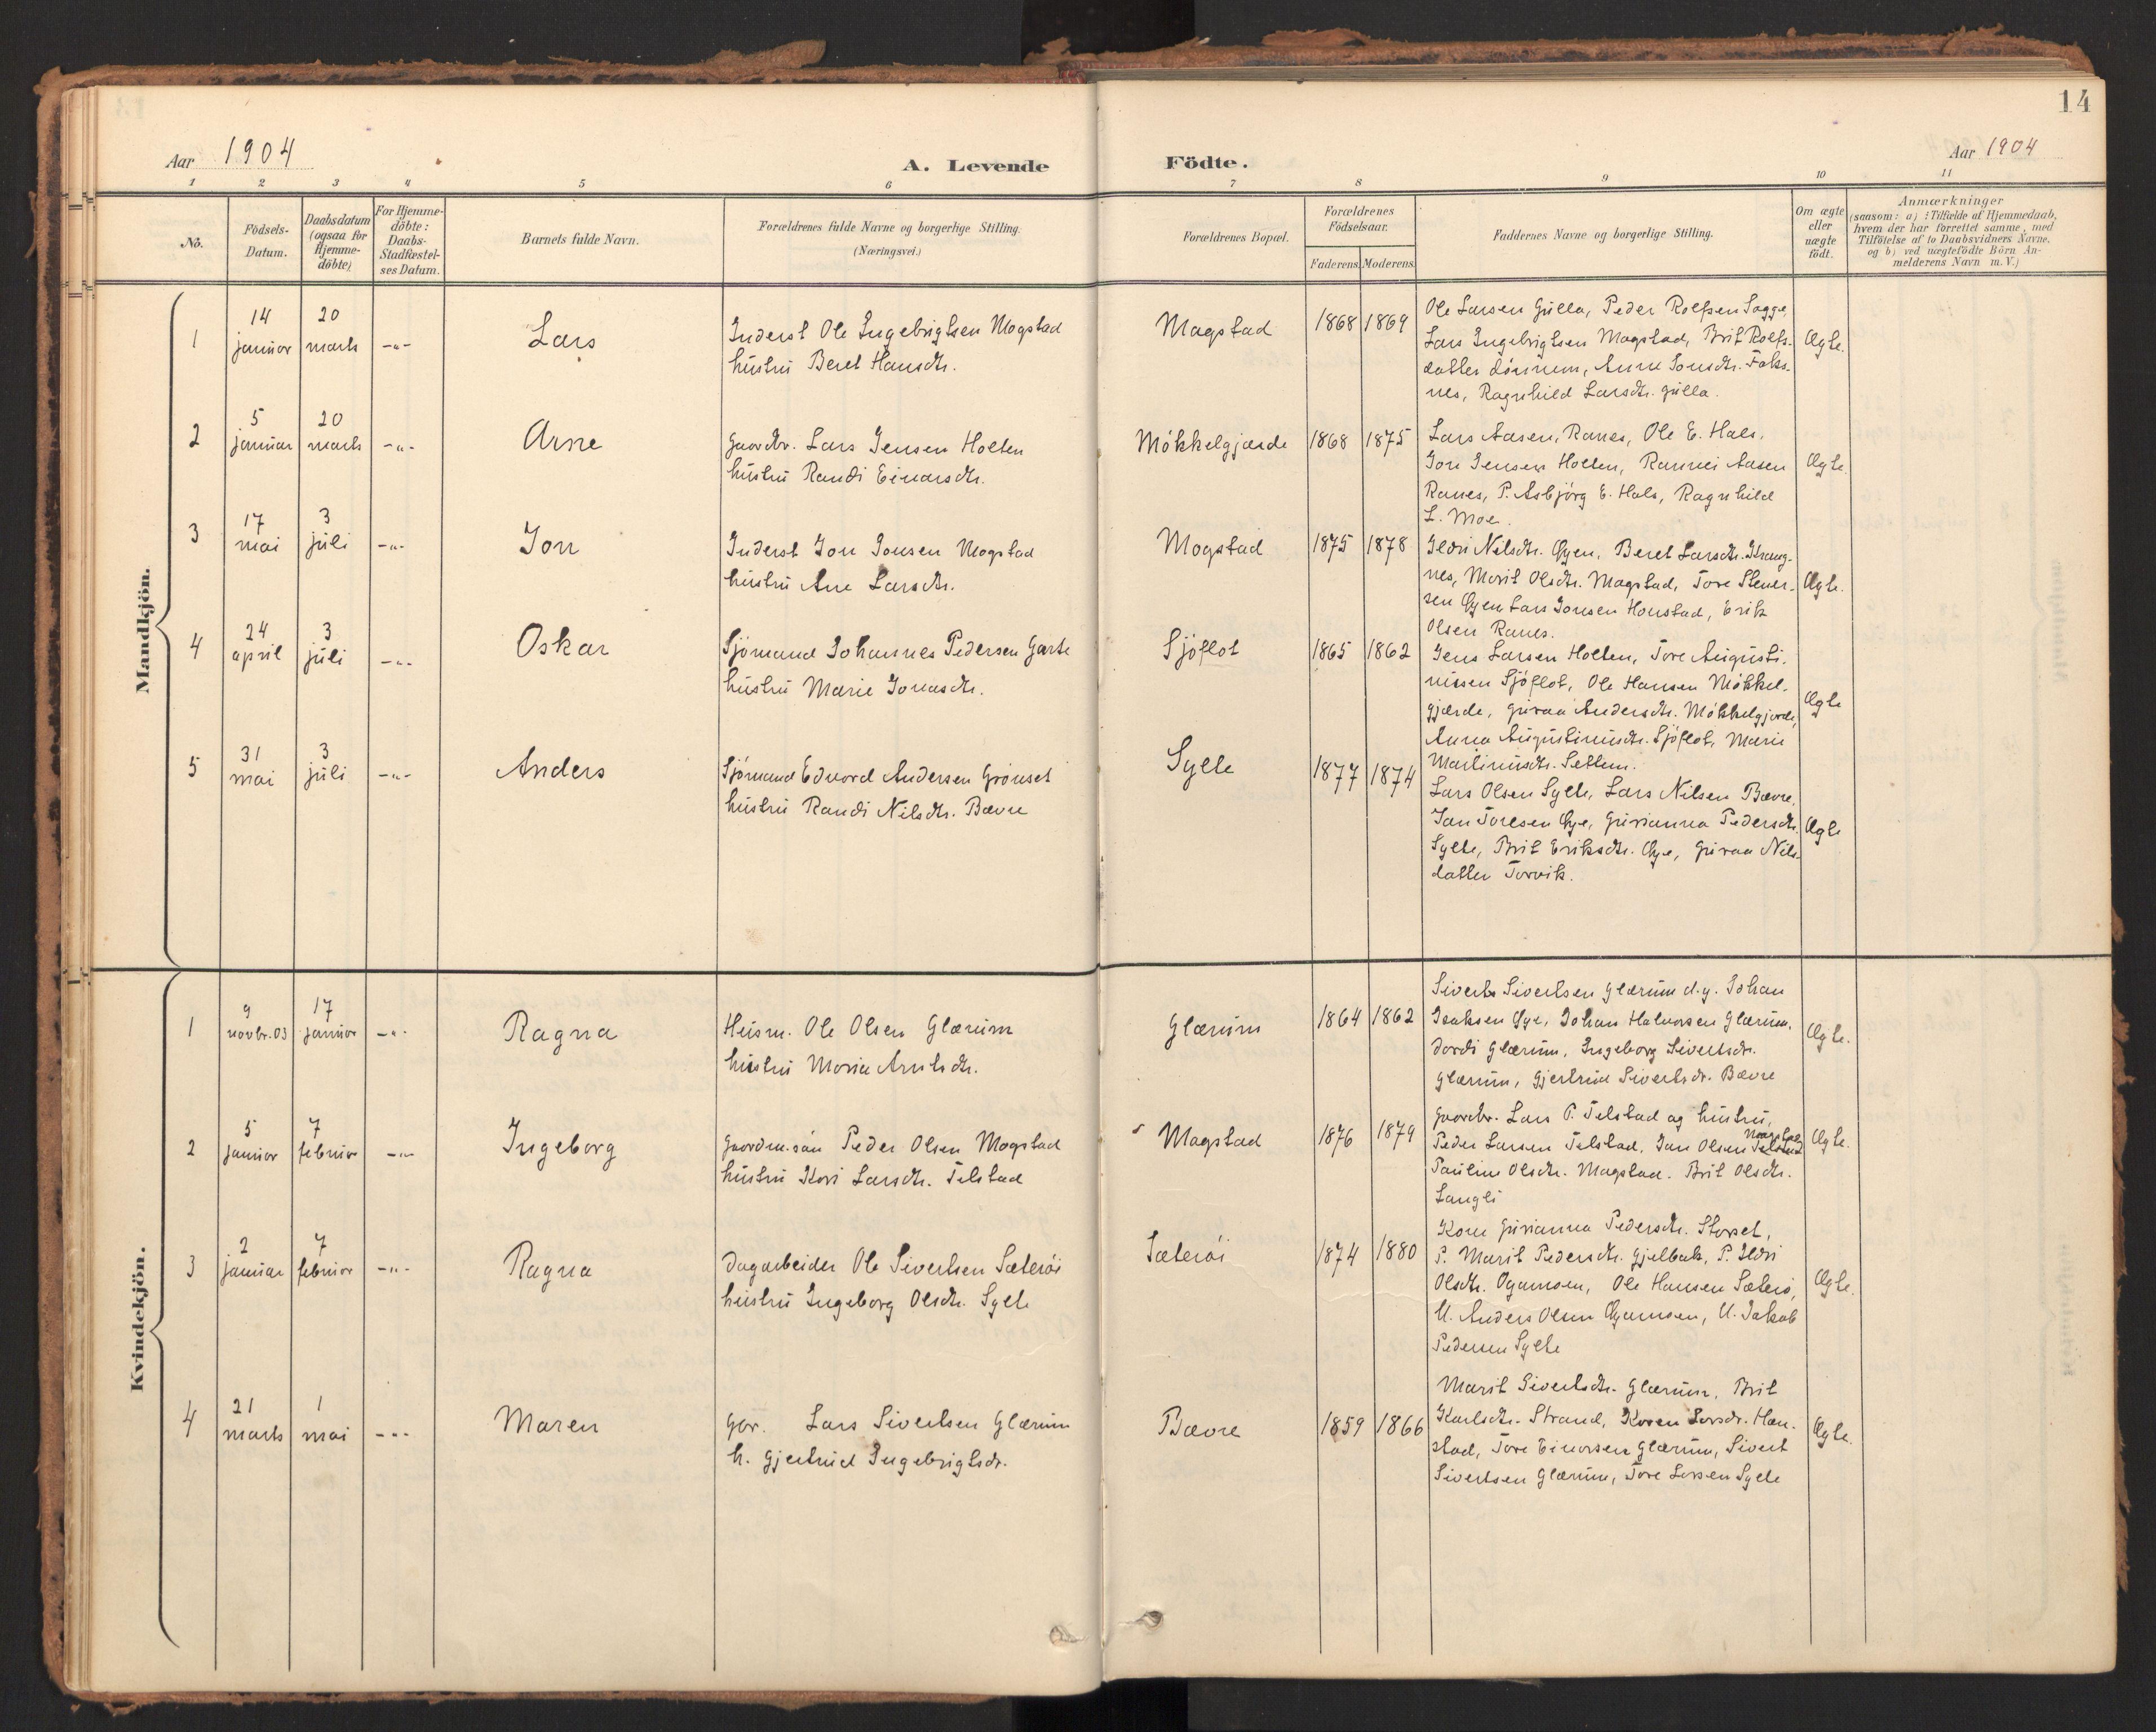 SAT, Ministerialprotokoller, klokkerbøker og fødselsregistre - Møre og Romsdal, 595/L1048: Ministerialbok nr. 595A10, 1900-1917, s. 14